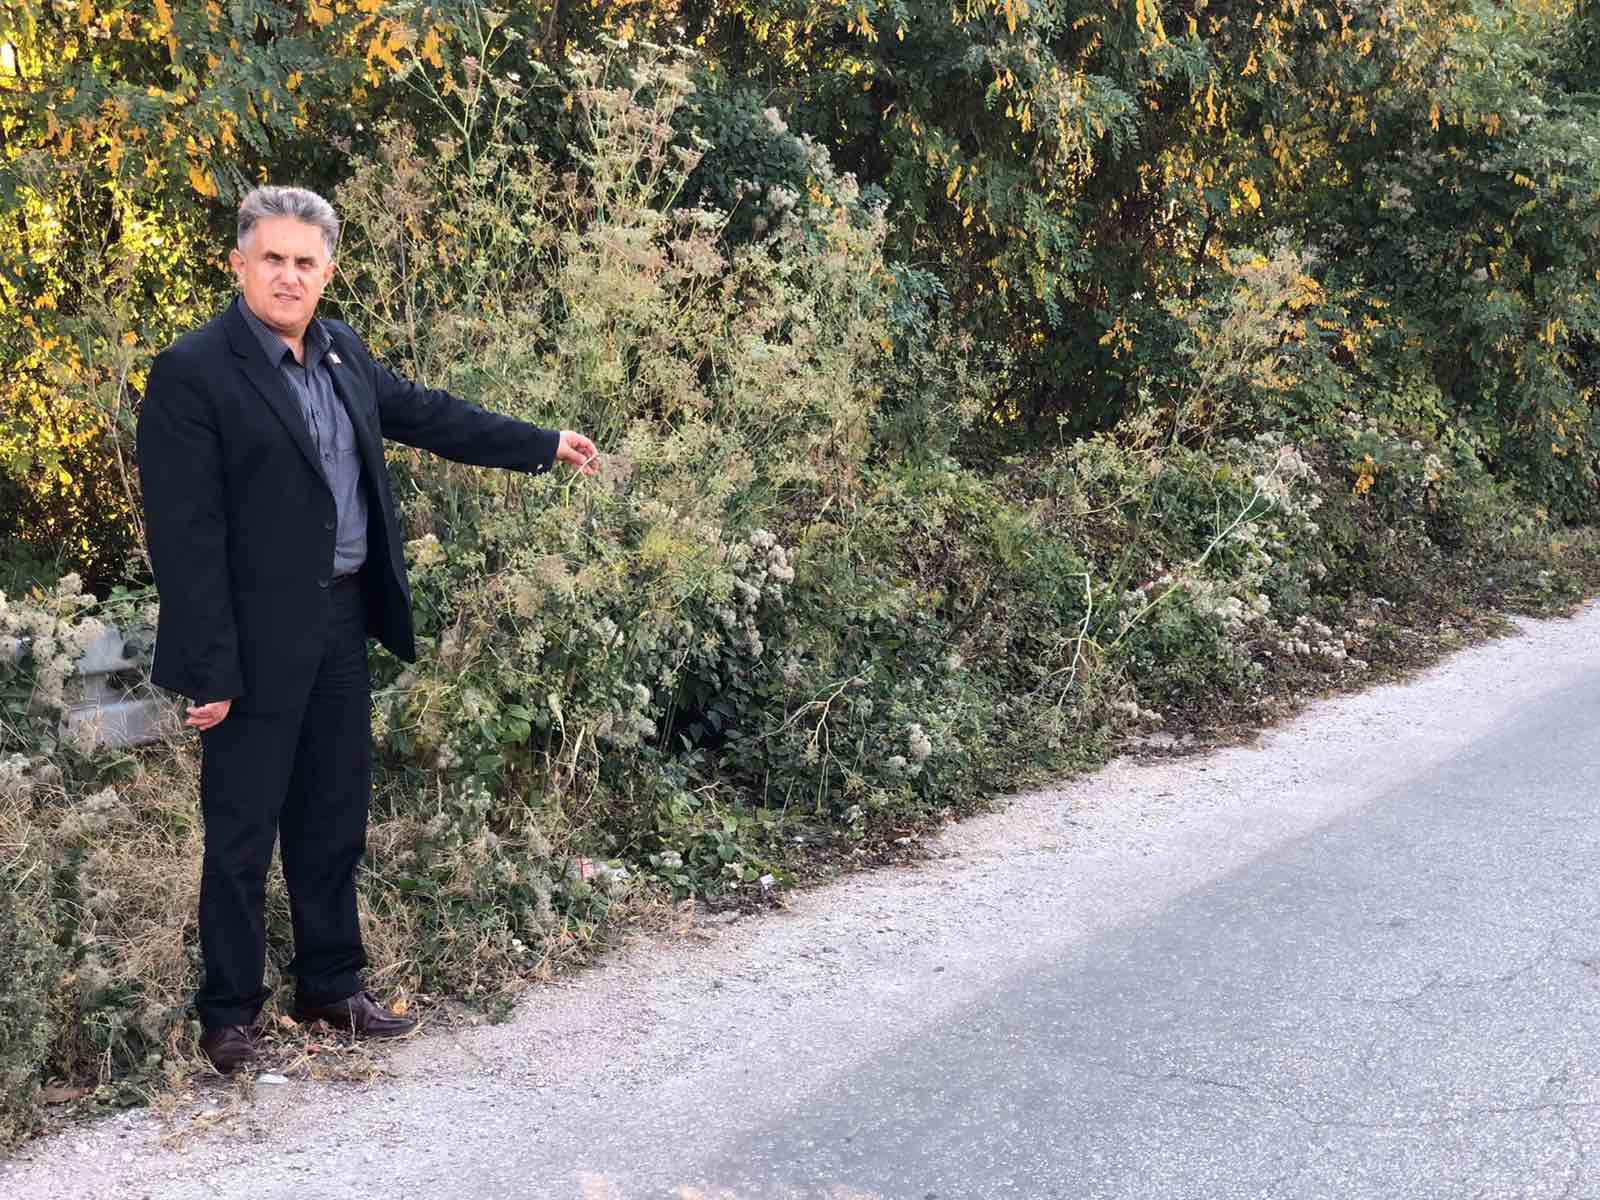 Šiblje i grmlje pored puta, foto: M.M.